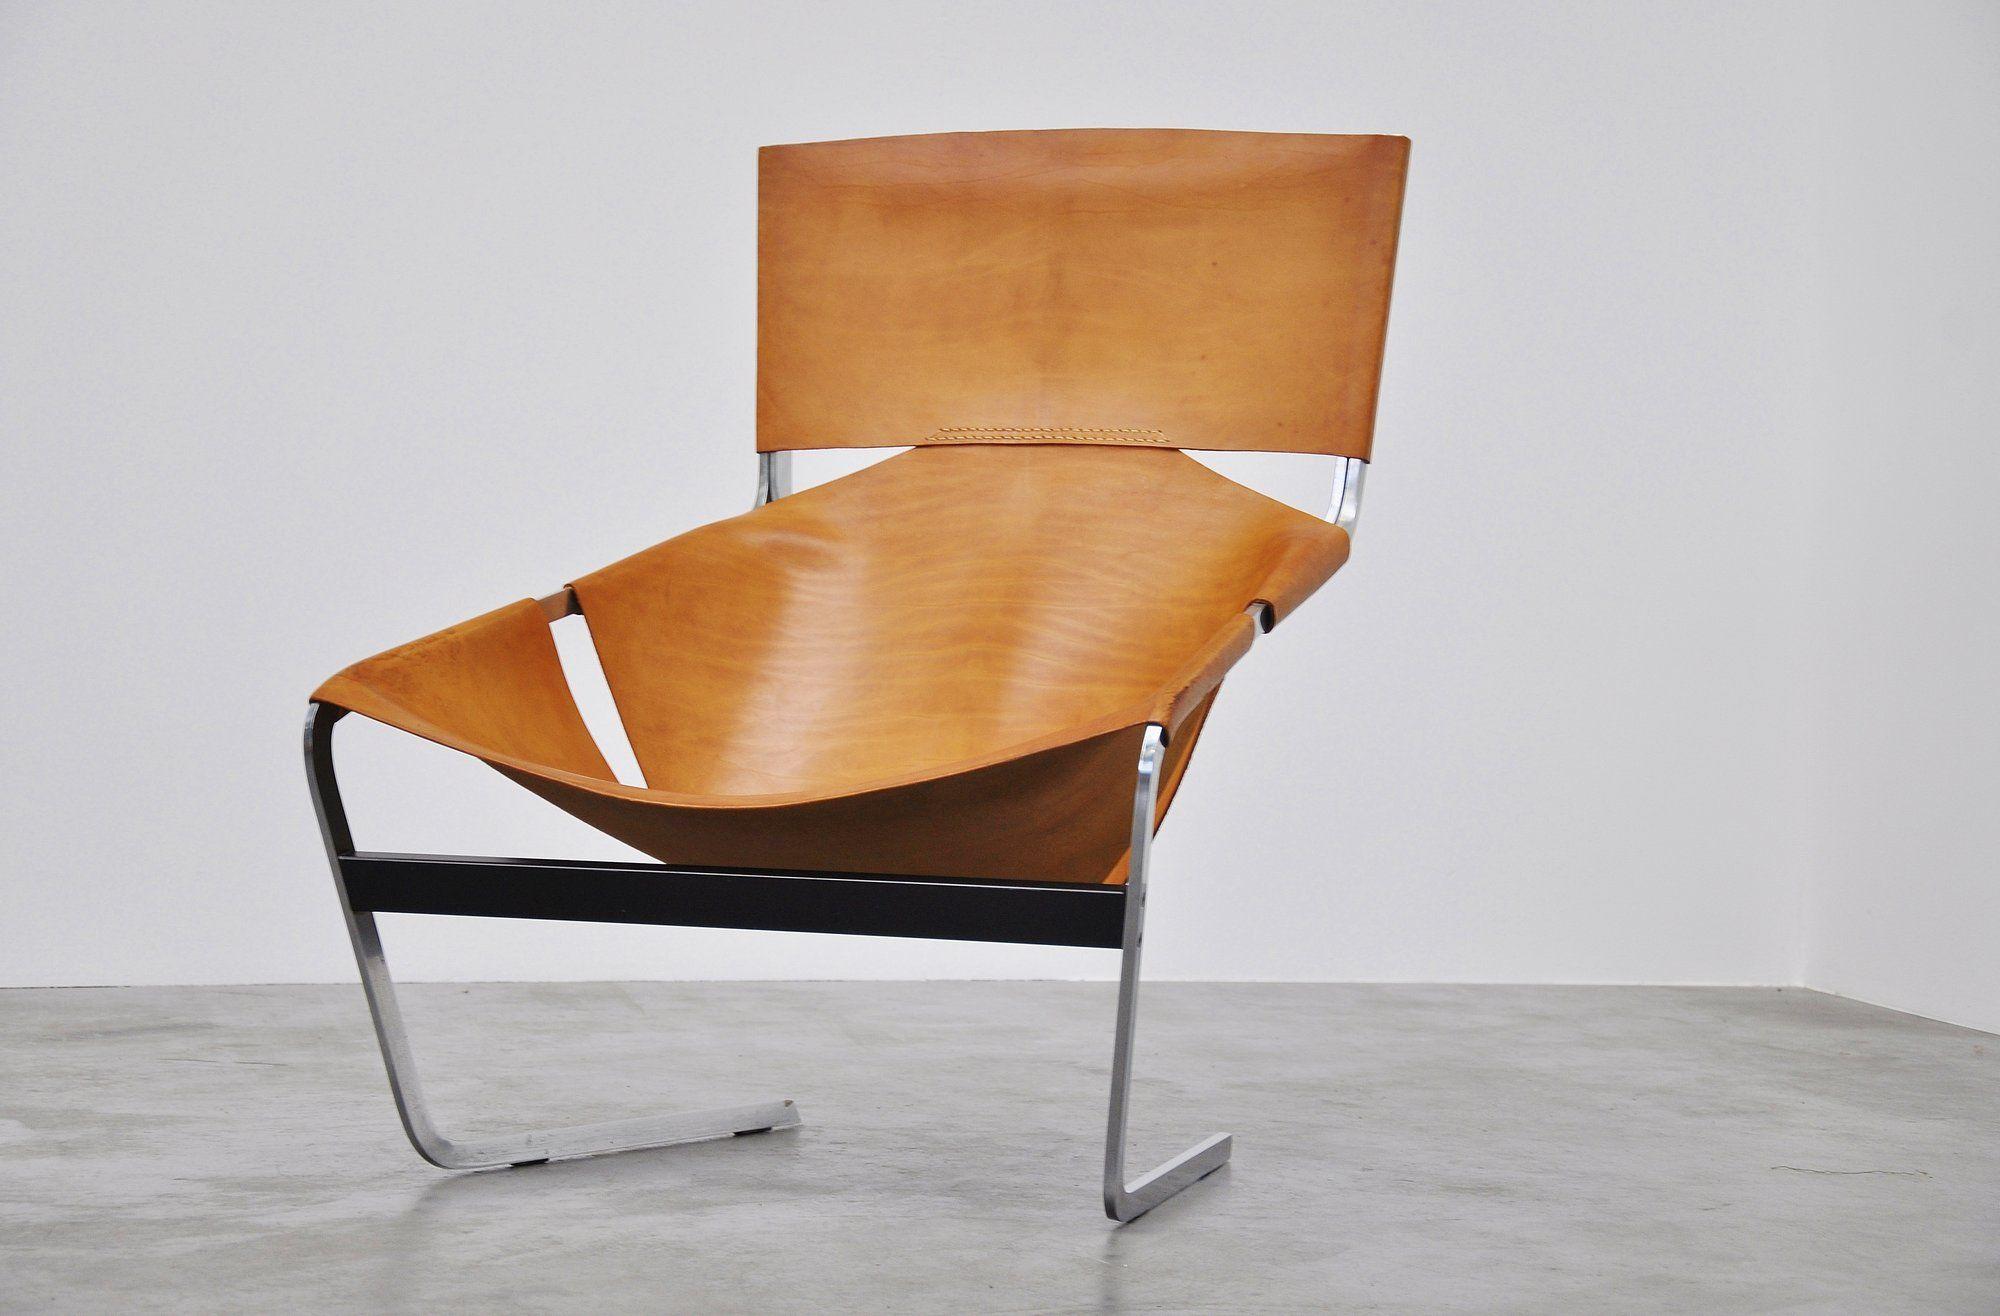 Pierre Paulin F444 Artifort chair, 1963